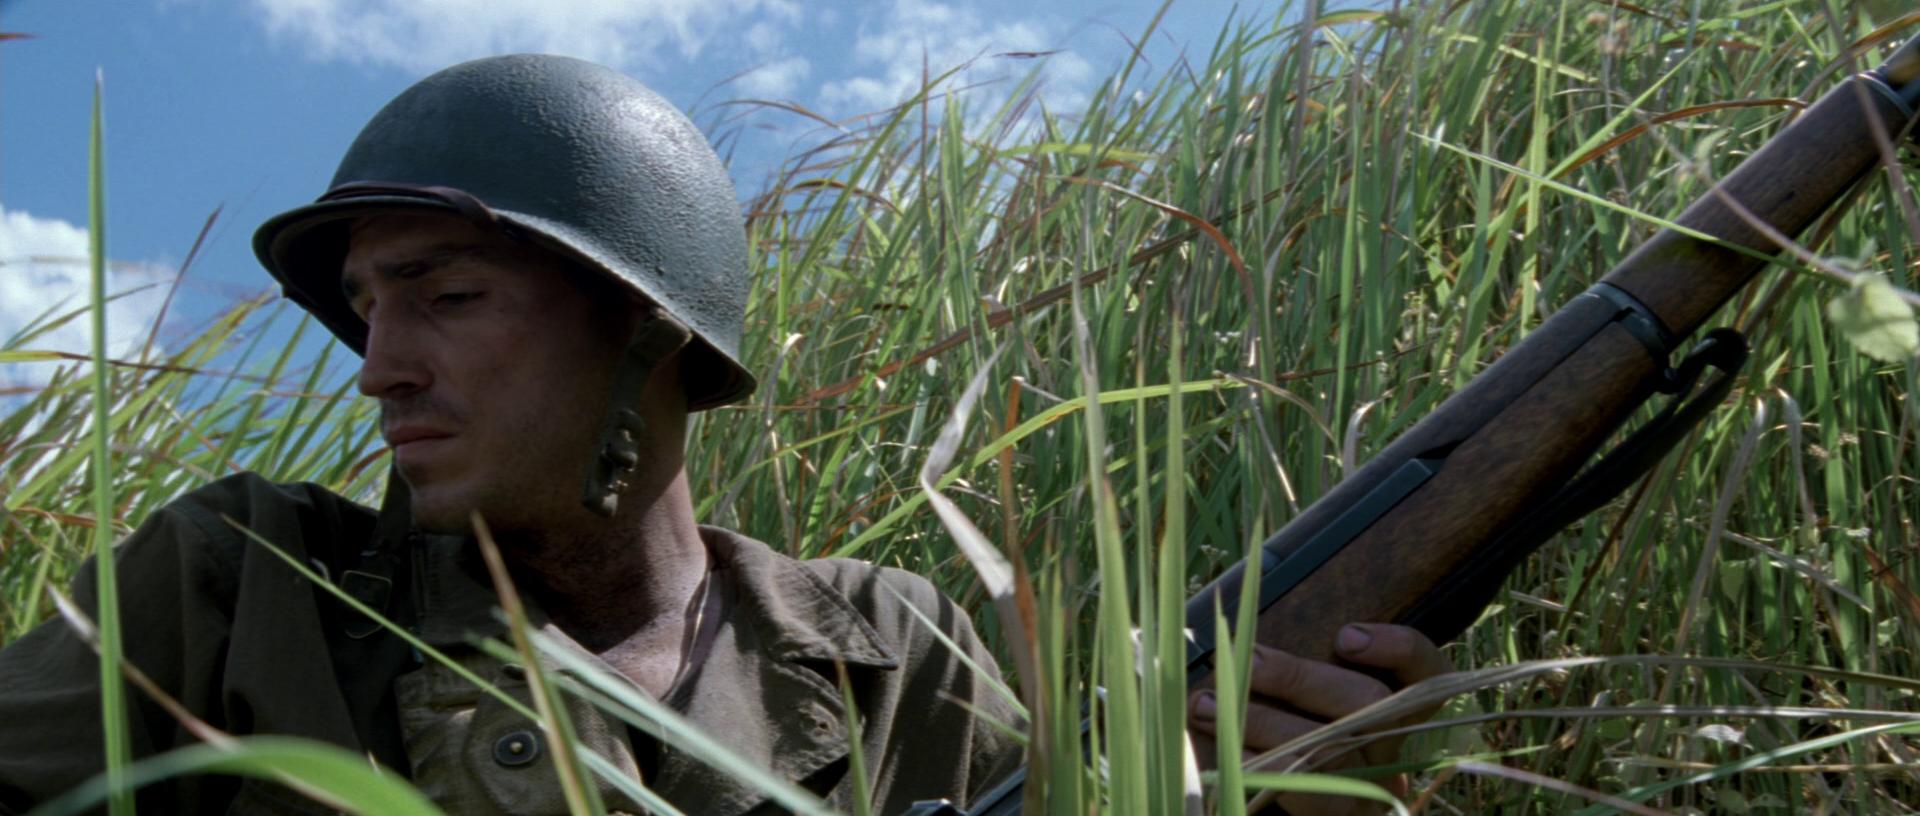 La sottile linea rossa, una scena del film.